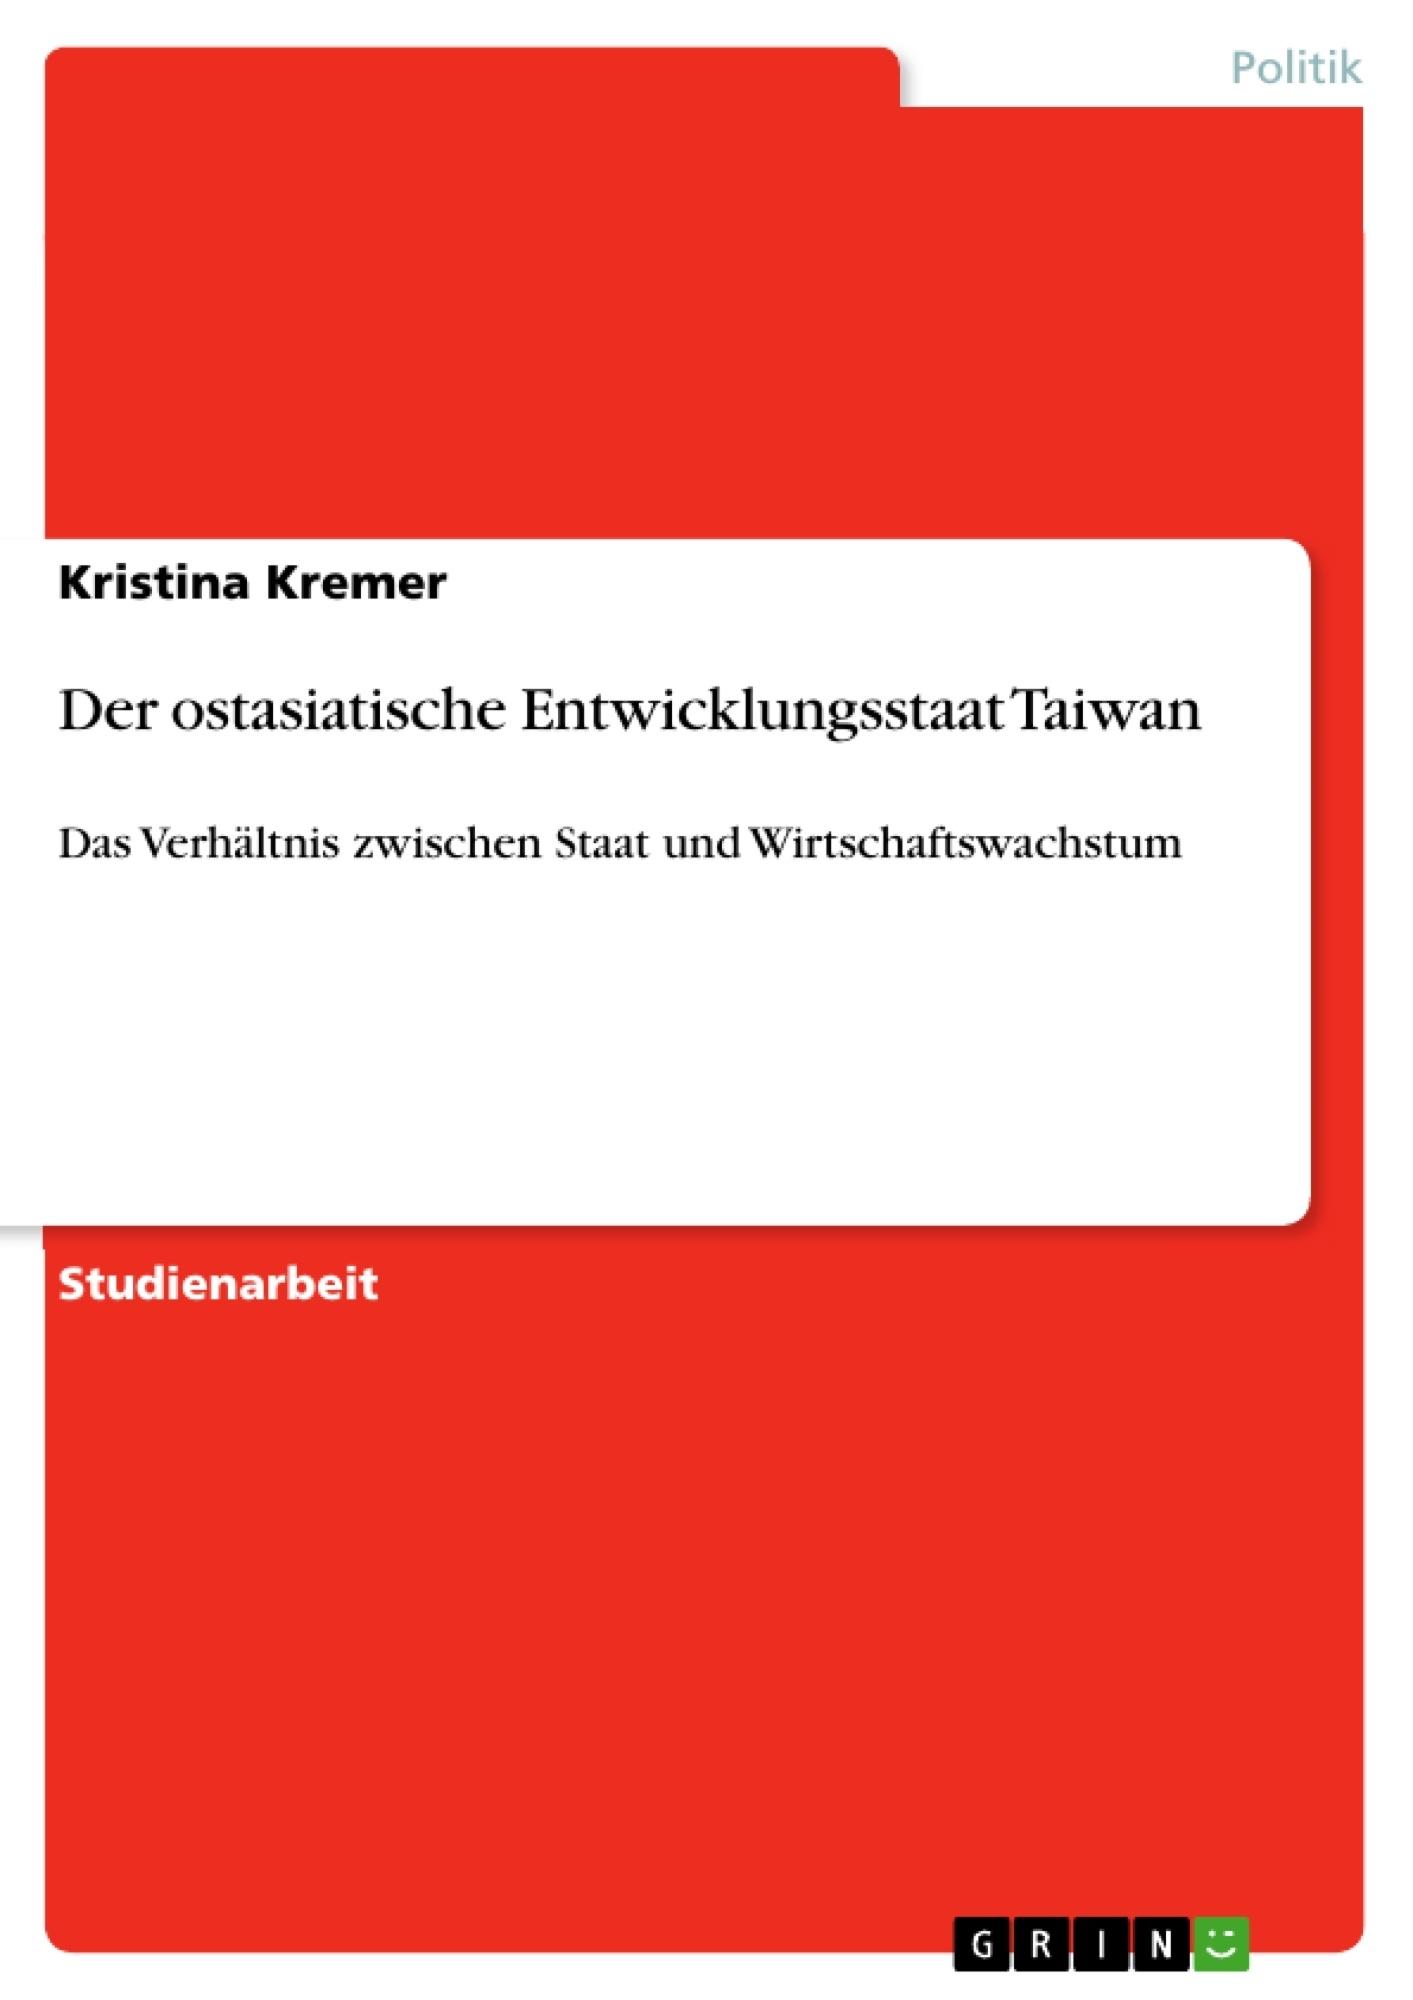 Titel: Der ostasiatische Entwicklungsstaat Taiwan